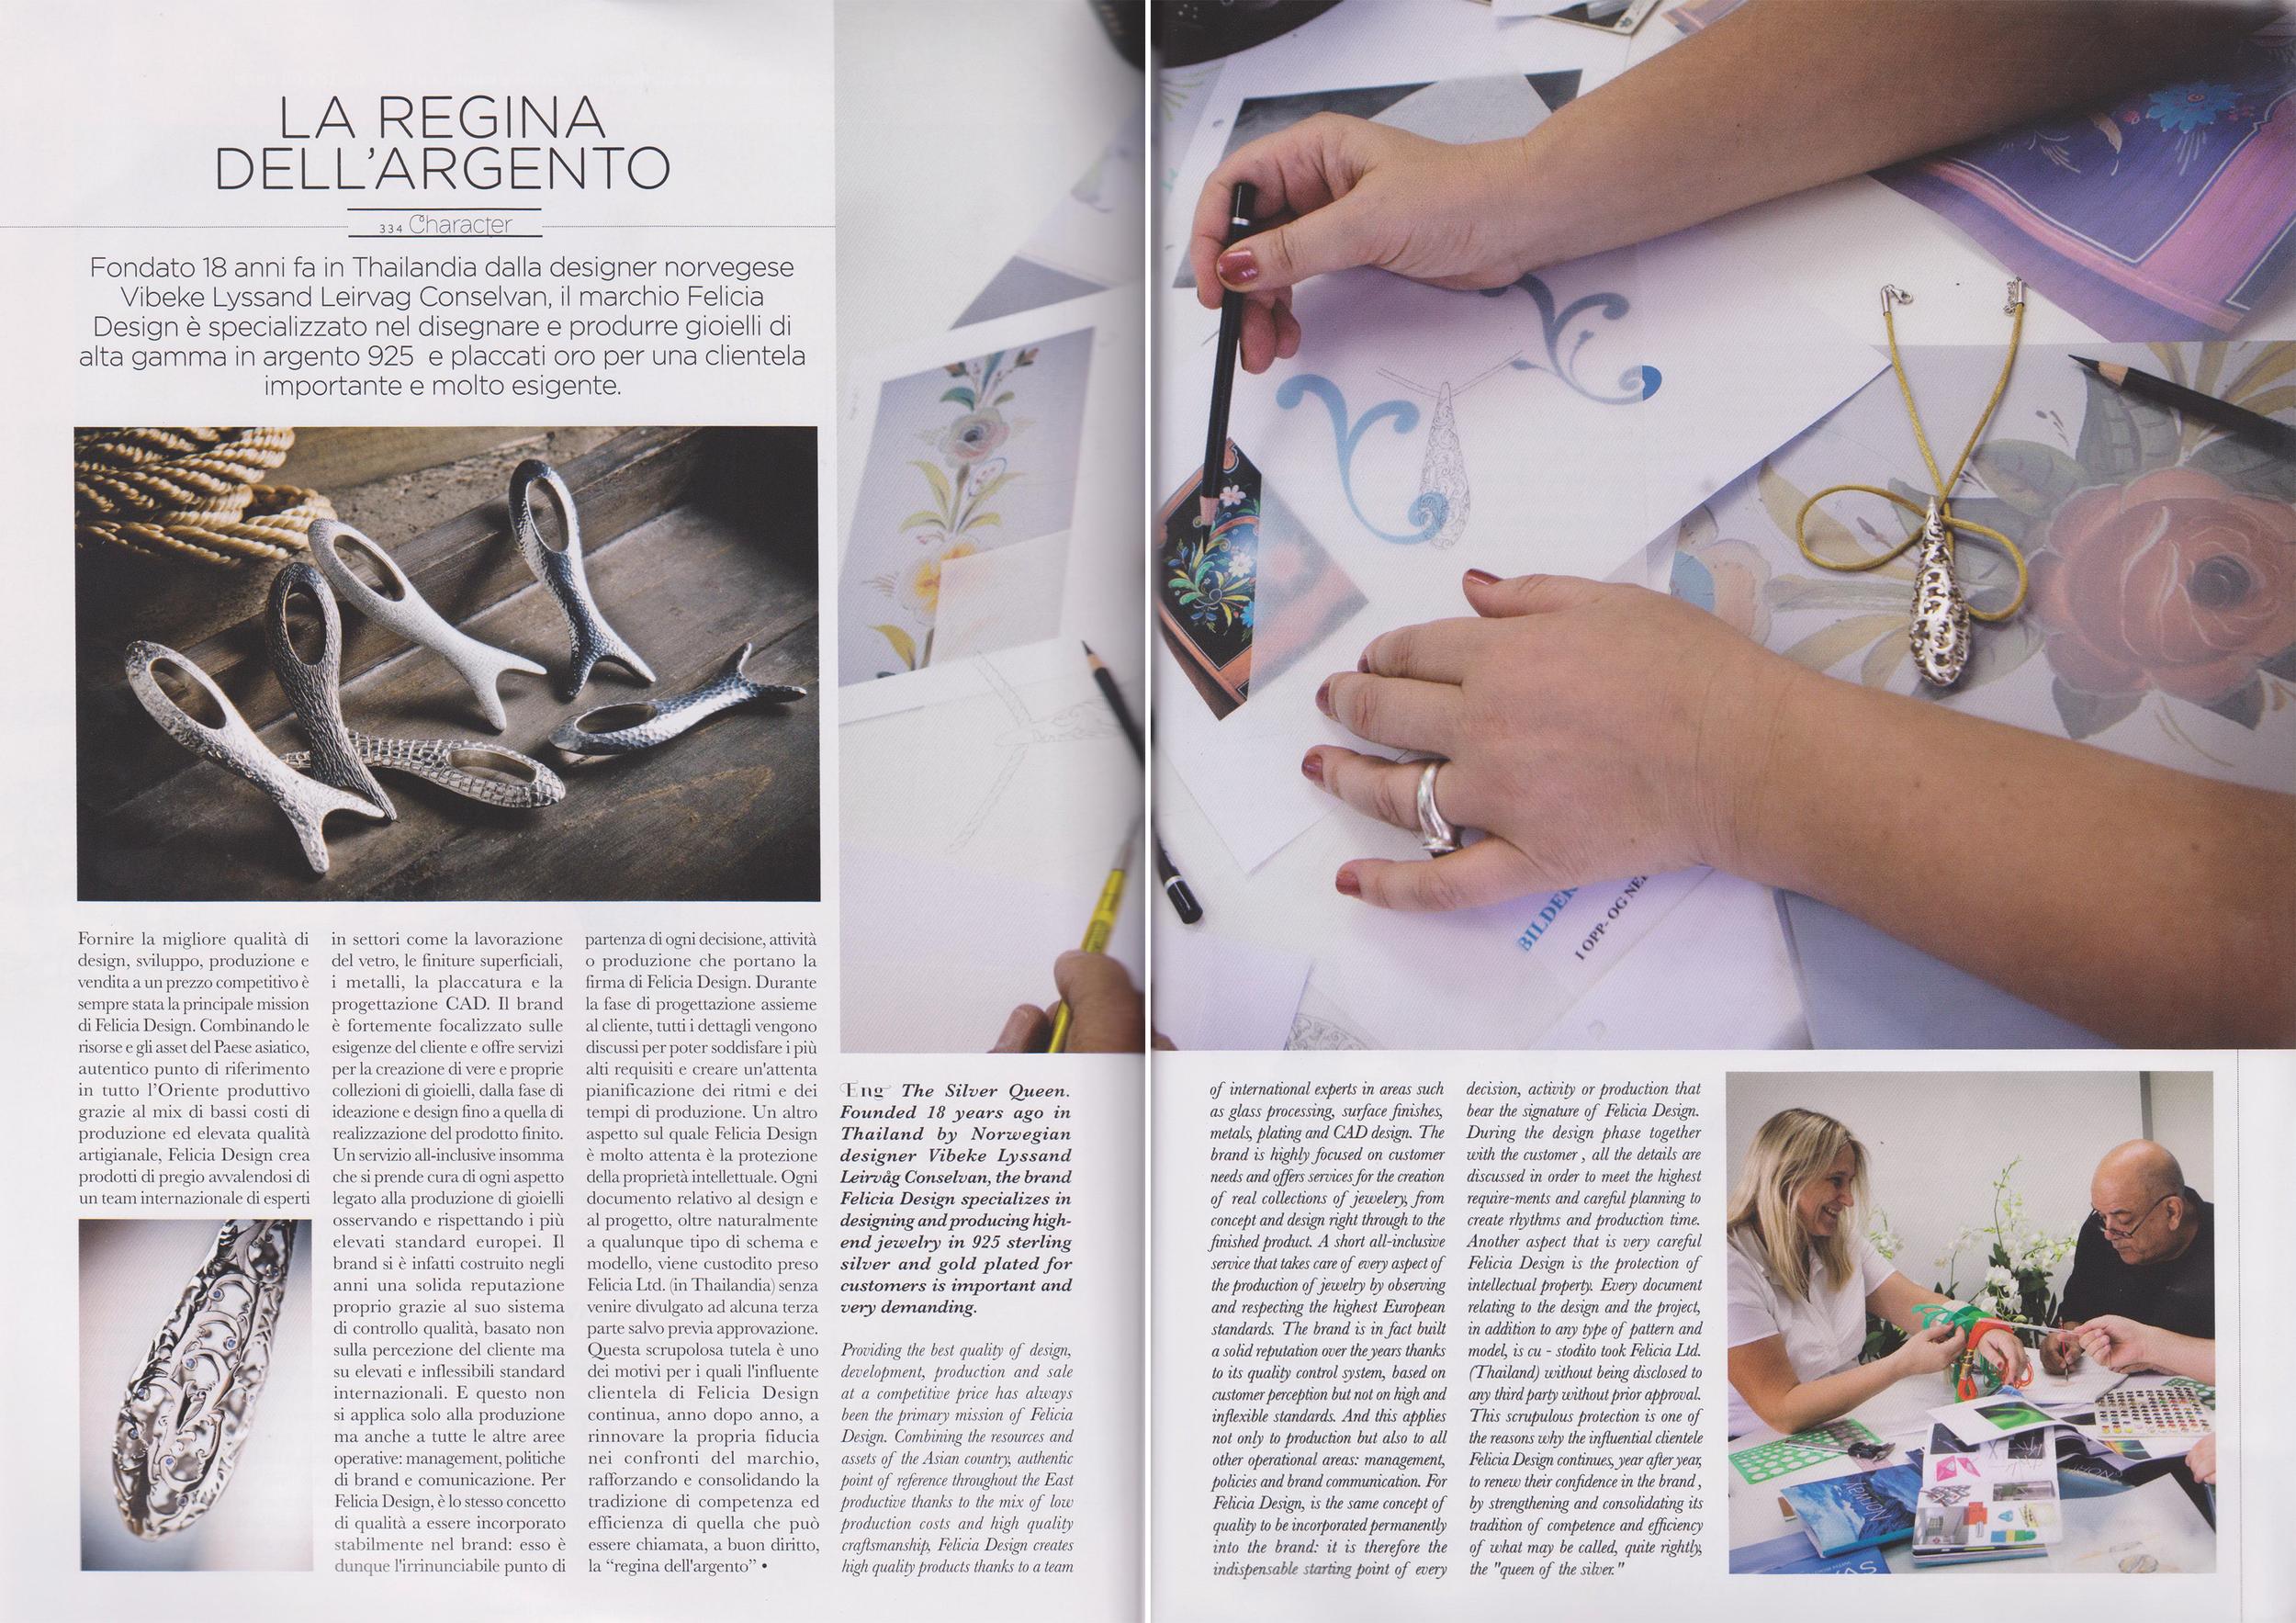 VIORO Magazine (Winter). Italian.Editorial: Vibeke and Felicia Design.